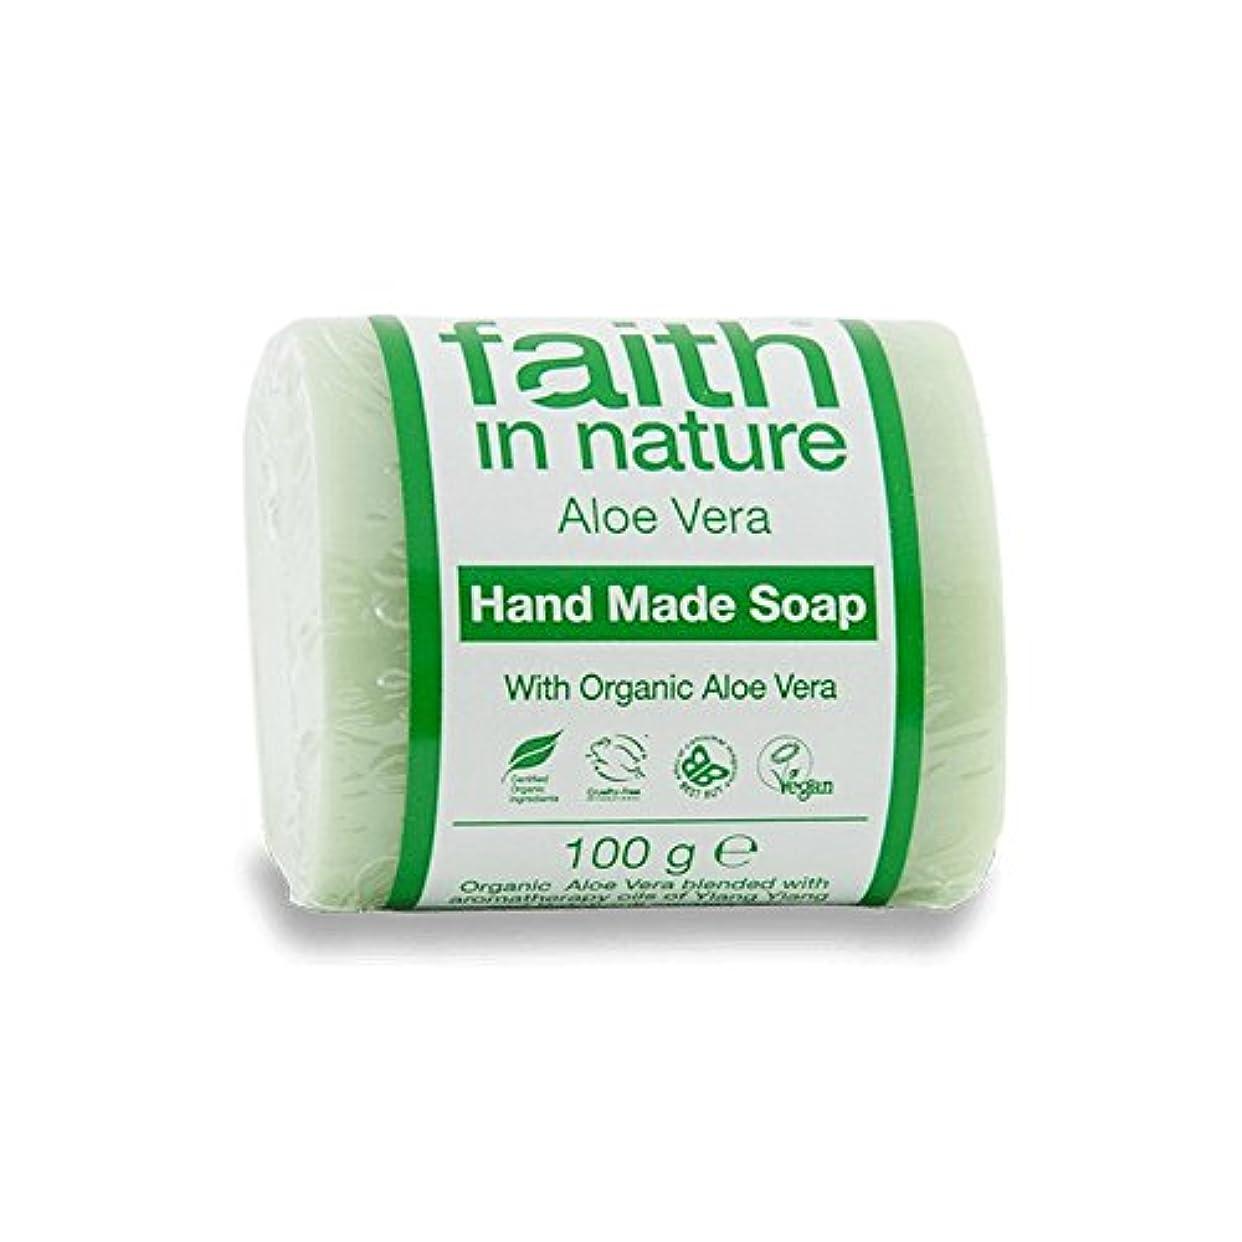 バットヘロイン平凡Faith in Nature Aloe Vera with Ylang Ylang Soap 100g (Pack of 2) - イランイランソープ100グラムと自然のアロエベラの信仰 (x2) [並行輸入品]